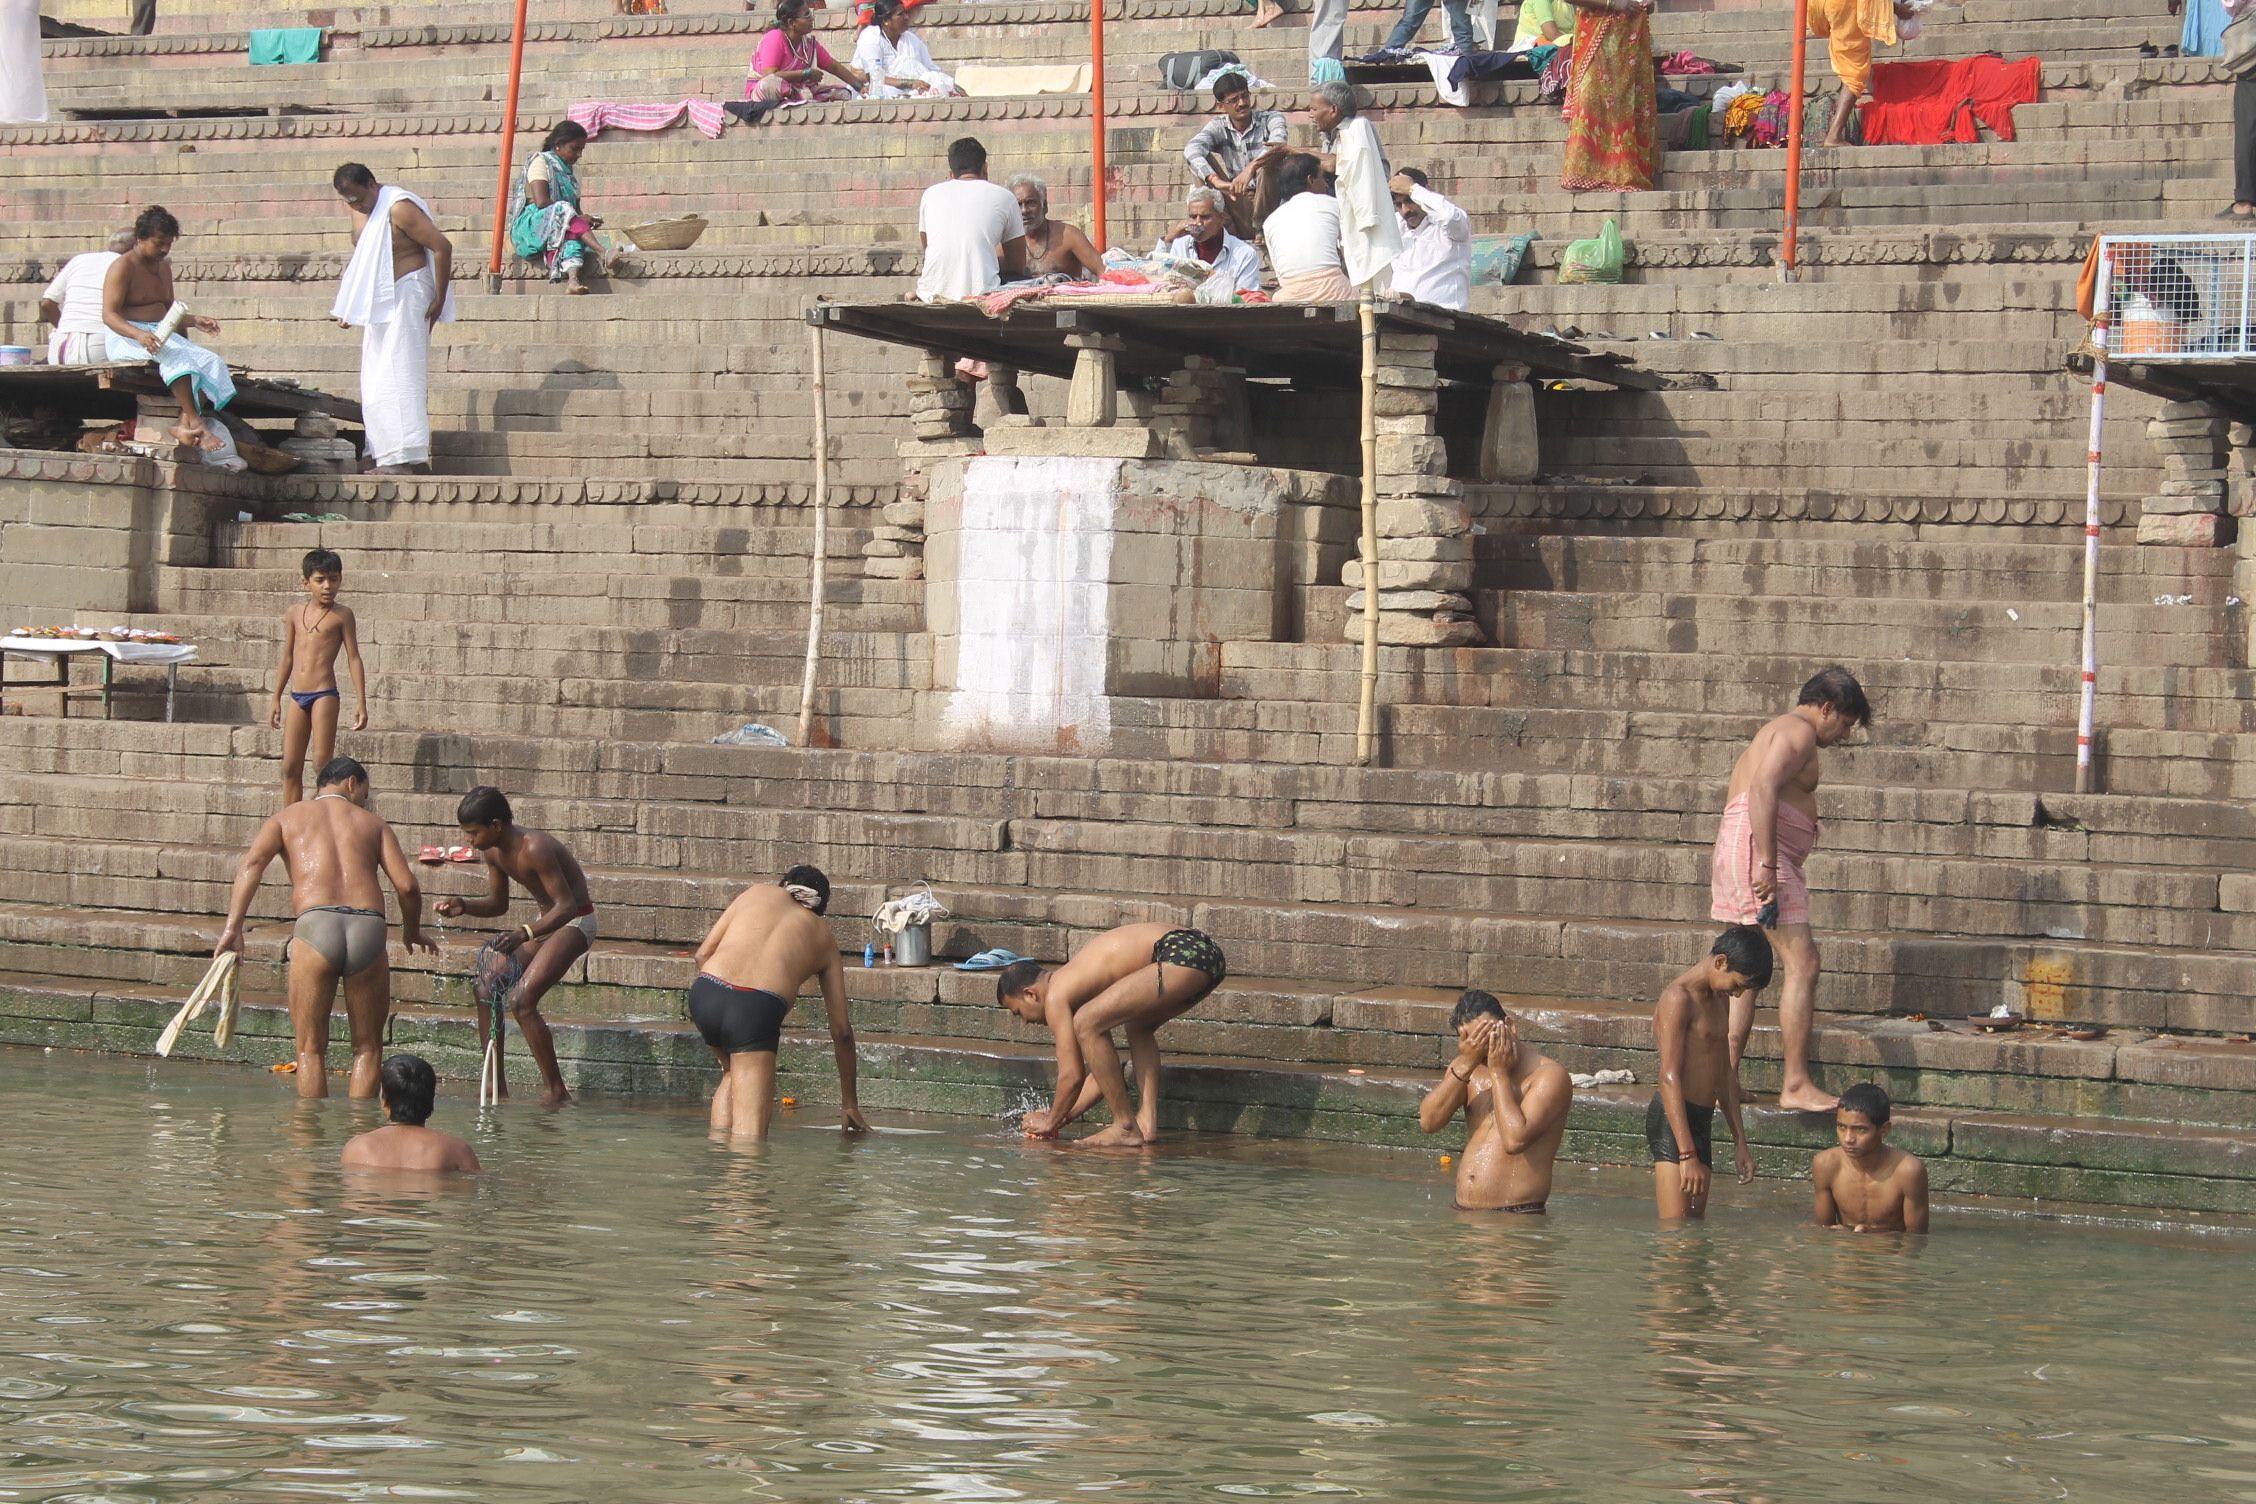 Indios bañándose en el río sagrado